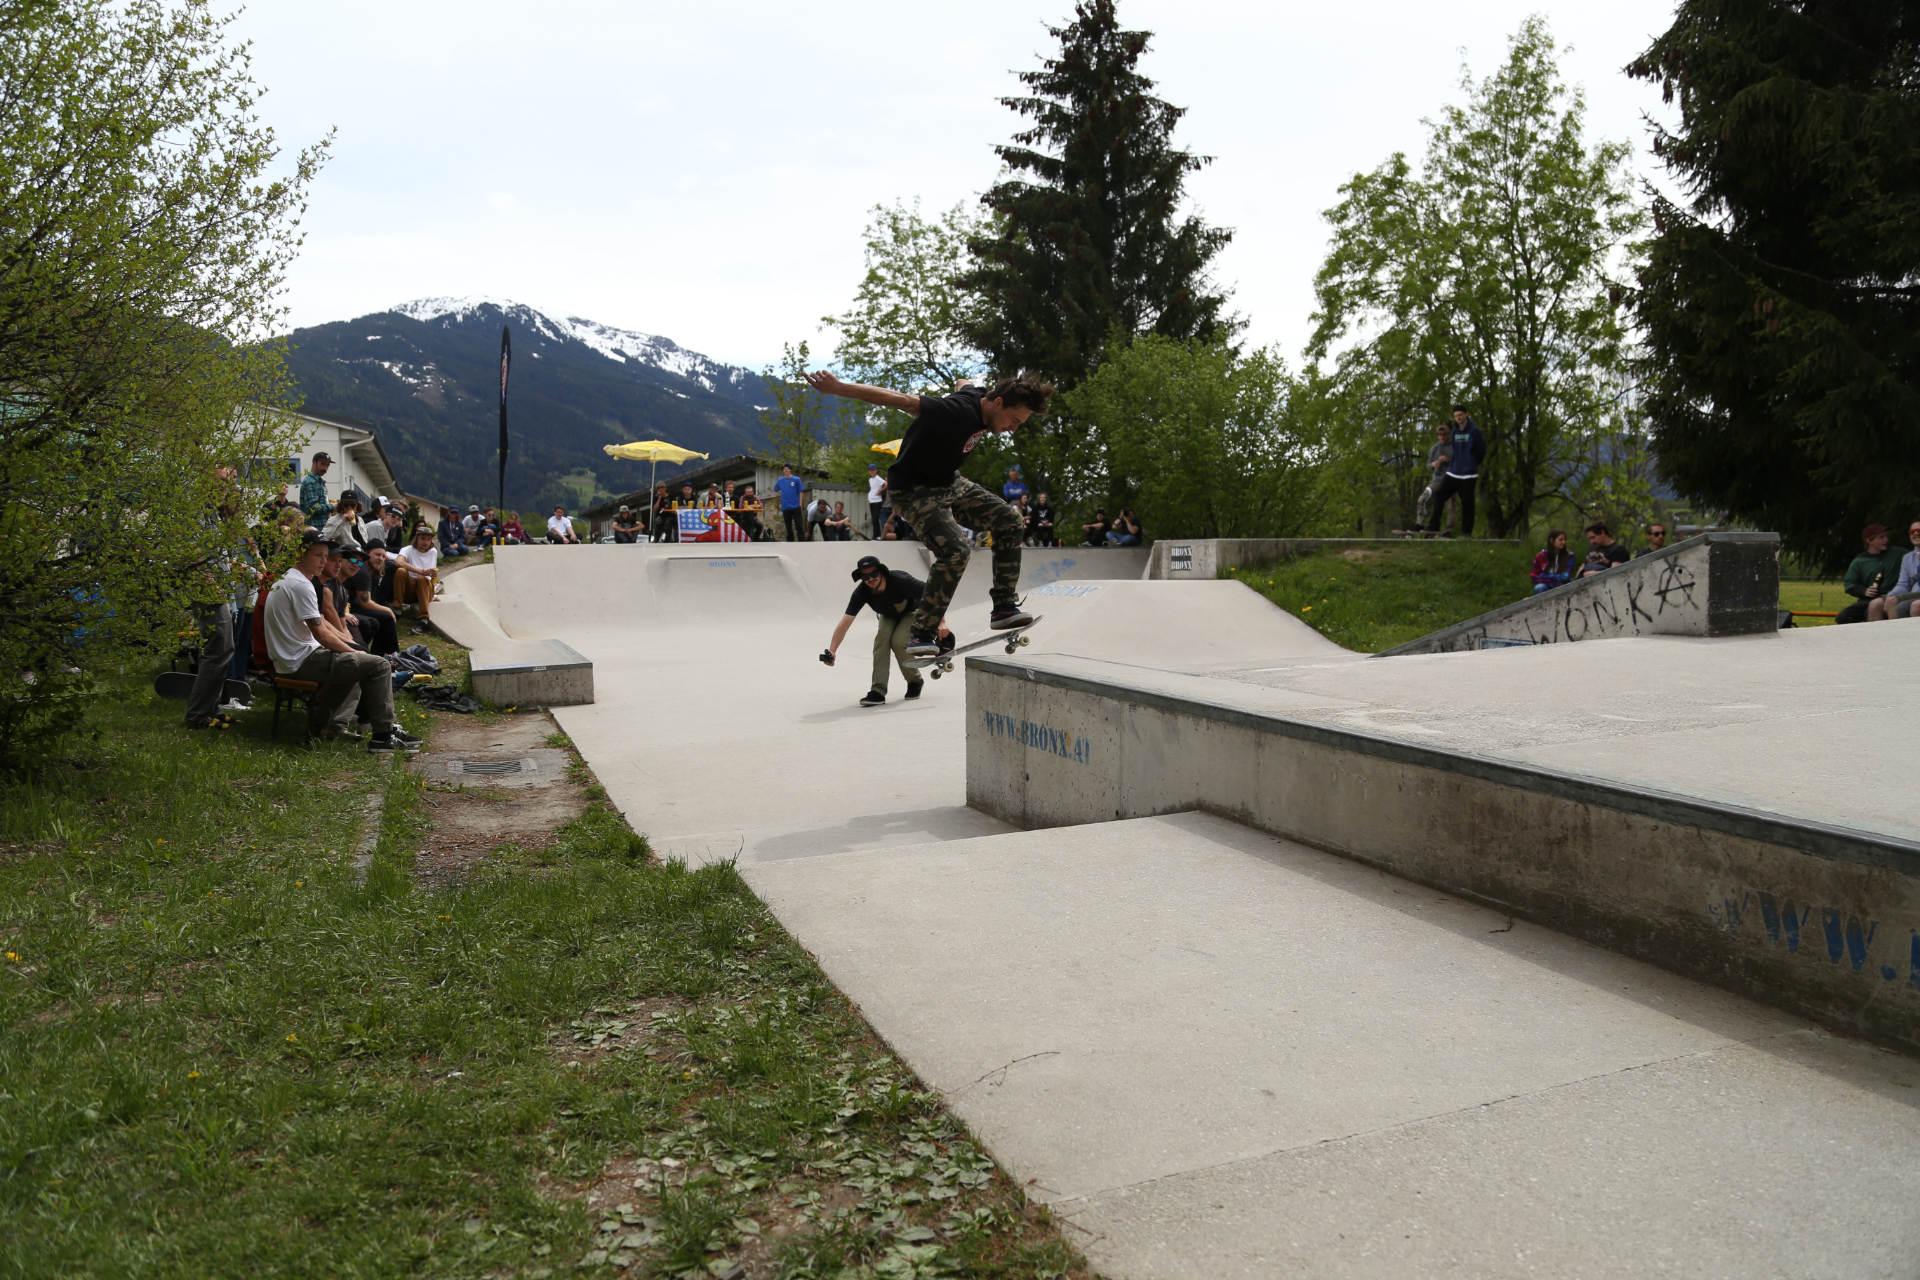 skateboard headz fieberbrunn kgt kitz gau trophy 2019 saalfelden hell00023